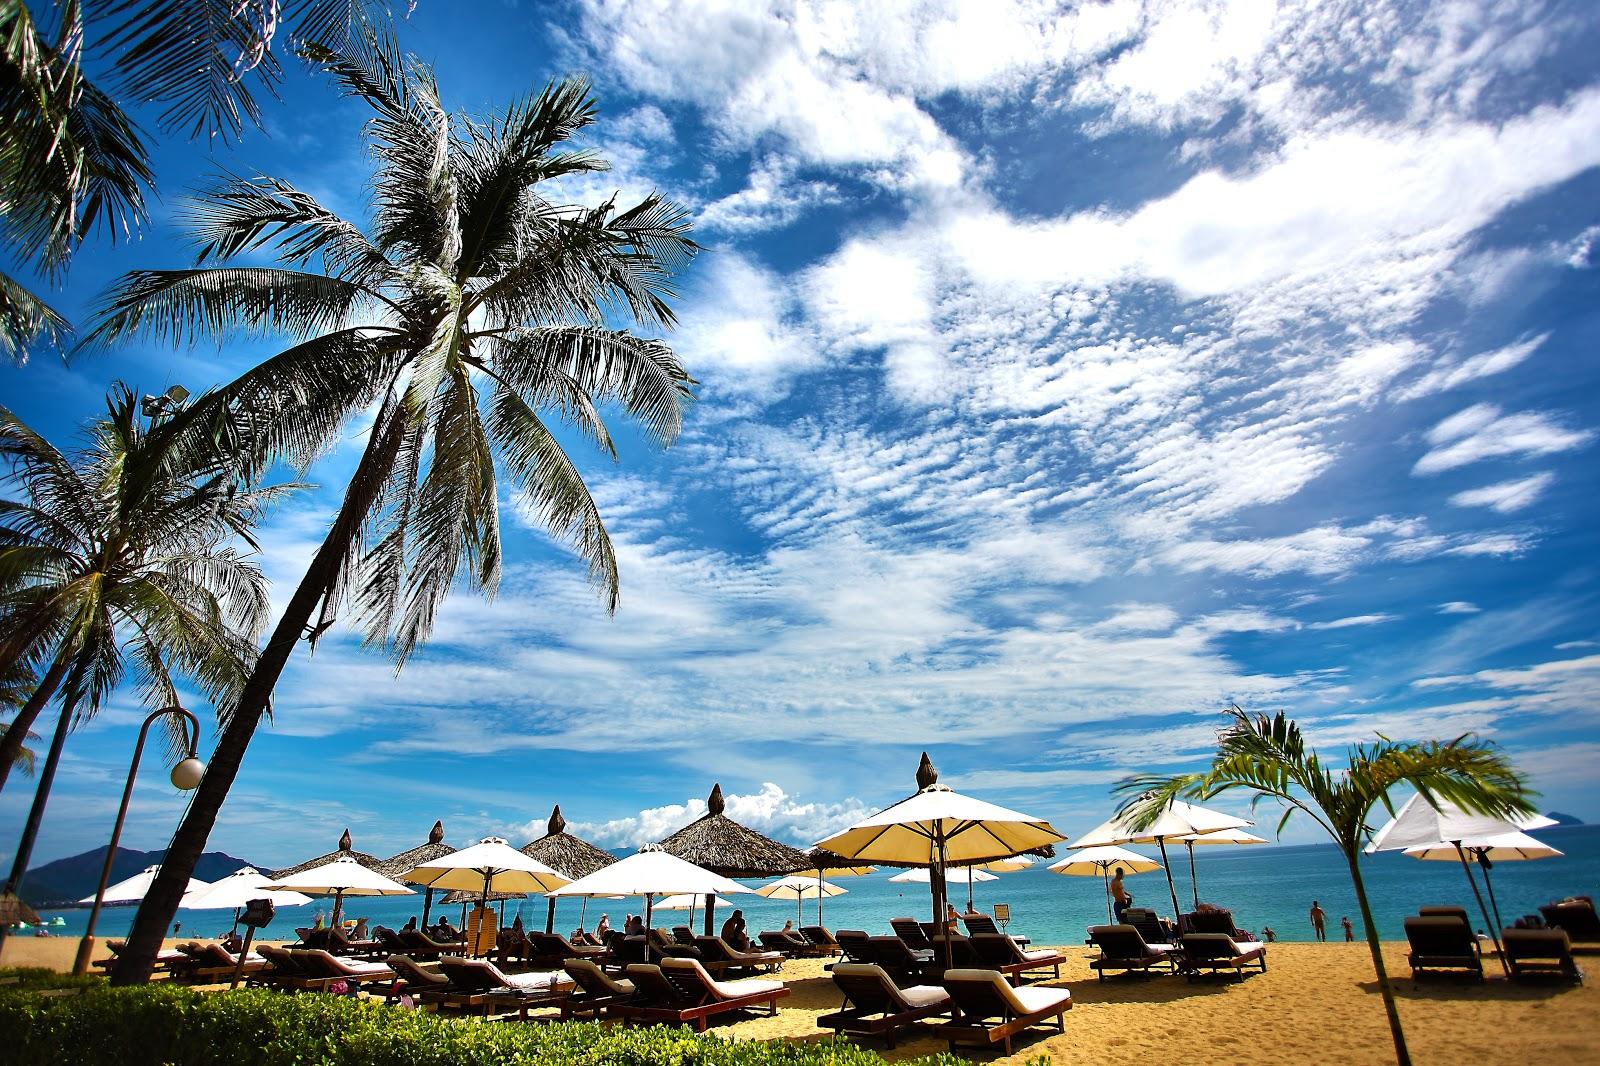 晴れた夏の日の椰子の木が生えた明るい海辺